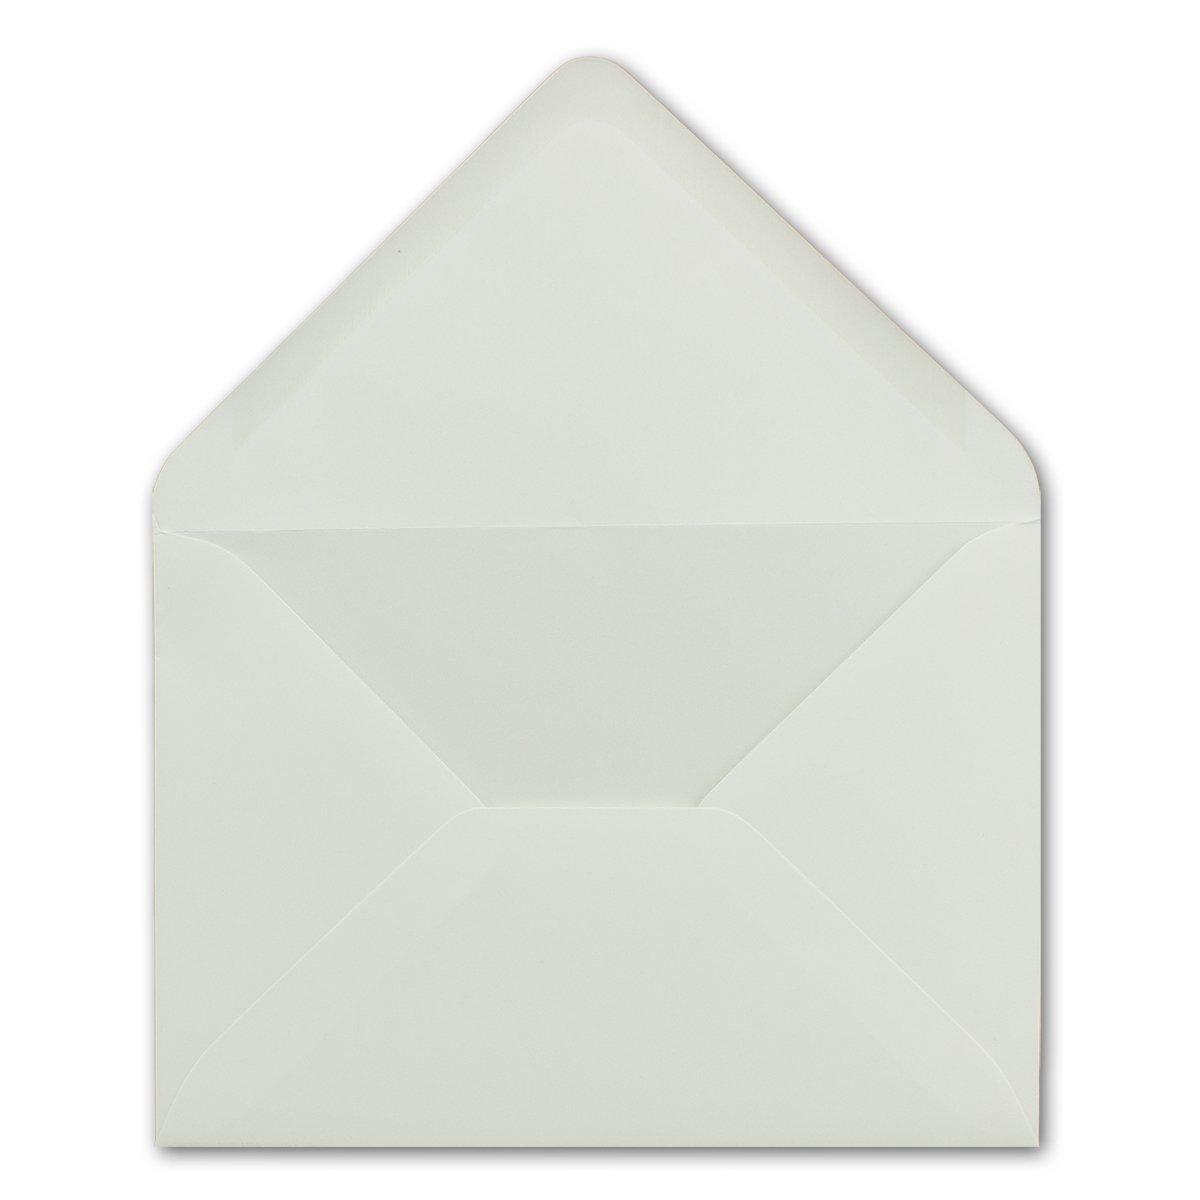 200x 200x 200x Brief-Umschläge in Dunkel-Grün - 80 g m² - KuGrüns in DIN B6 Format 125 x 175 mm - Nassklebung ohne Fenster - Qualitätsmarke FarbenFroh® B07BK7S439 | Exquisite Verarbeitung  865078